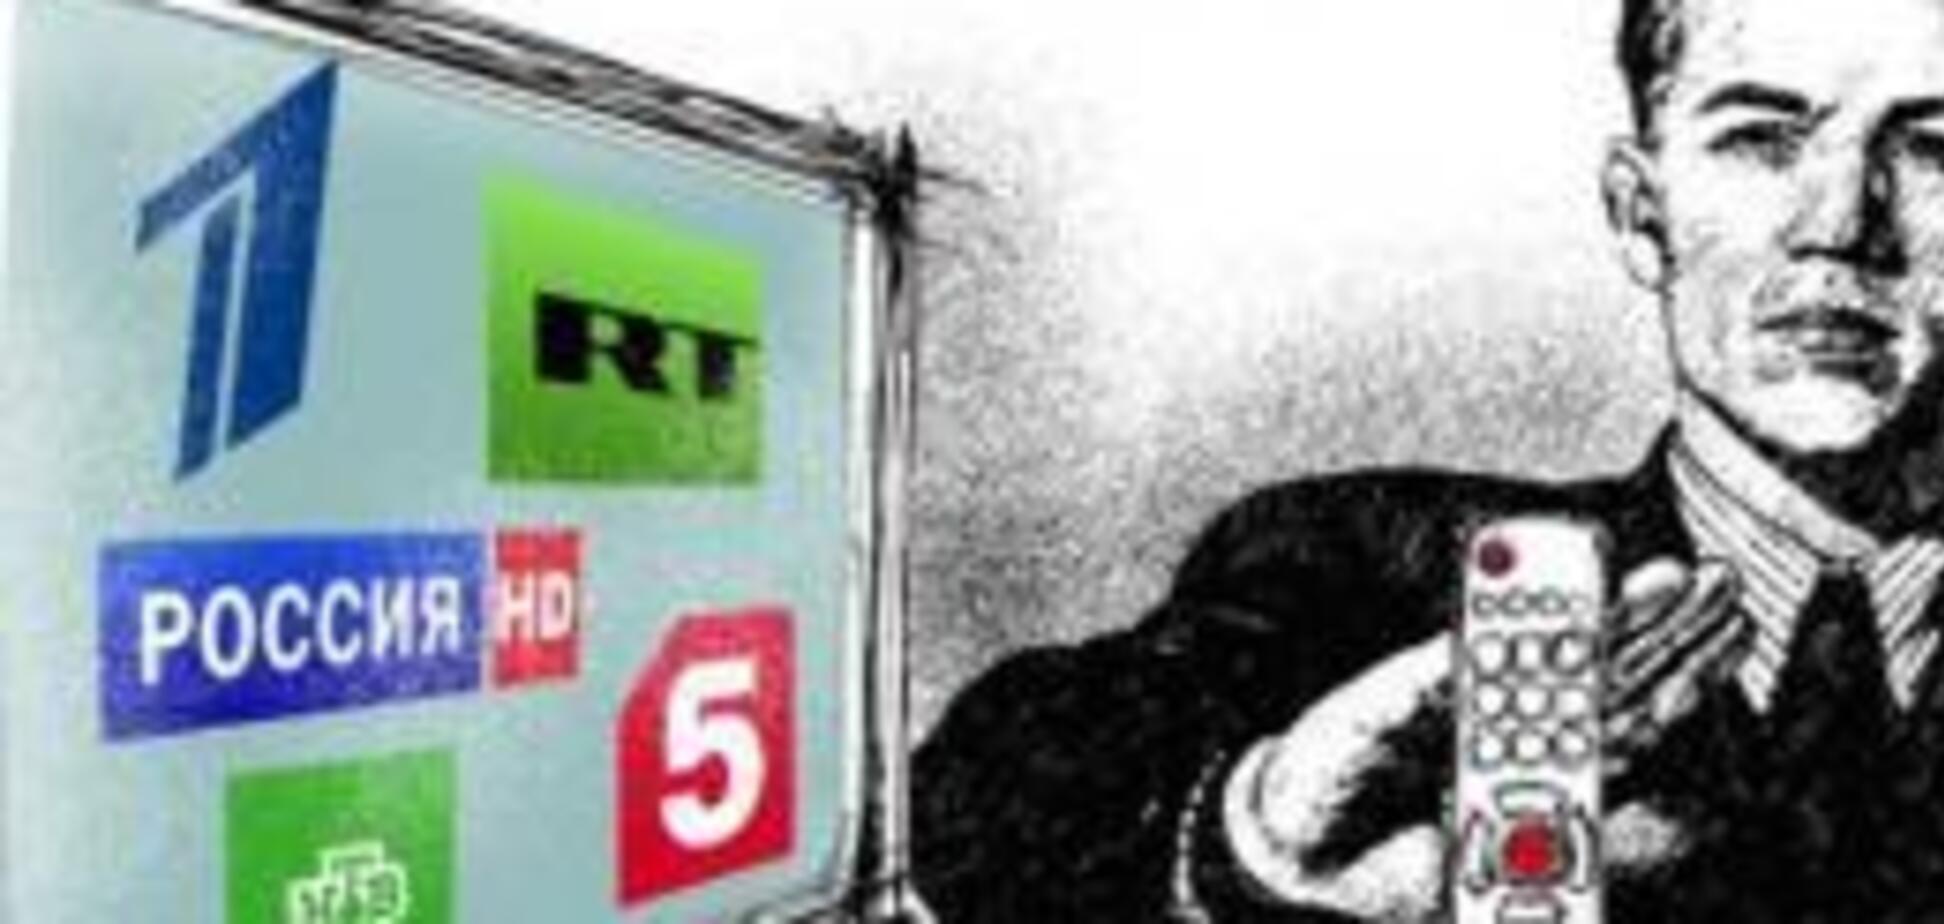 'Единственные бандиты в Украине - это каратели'